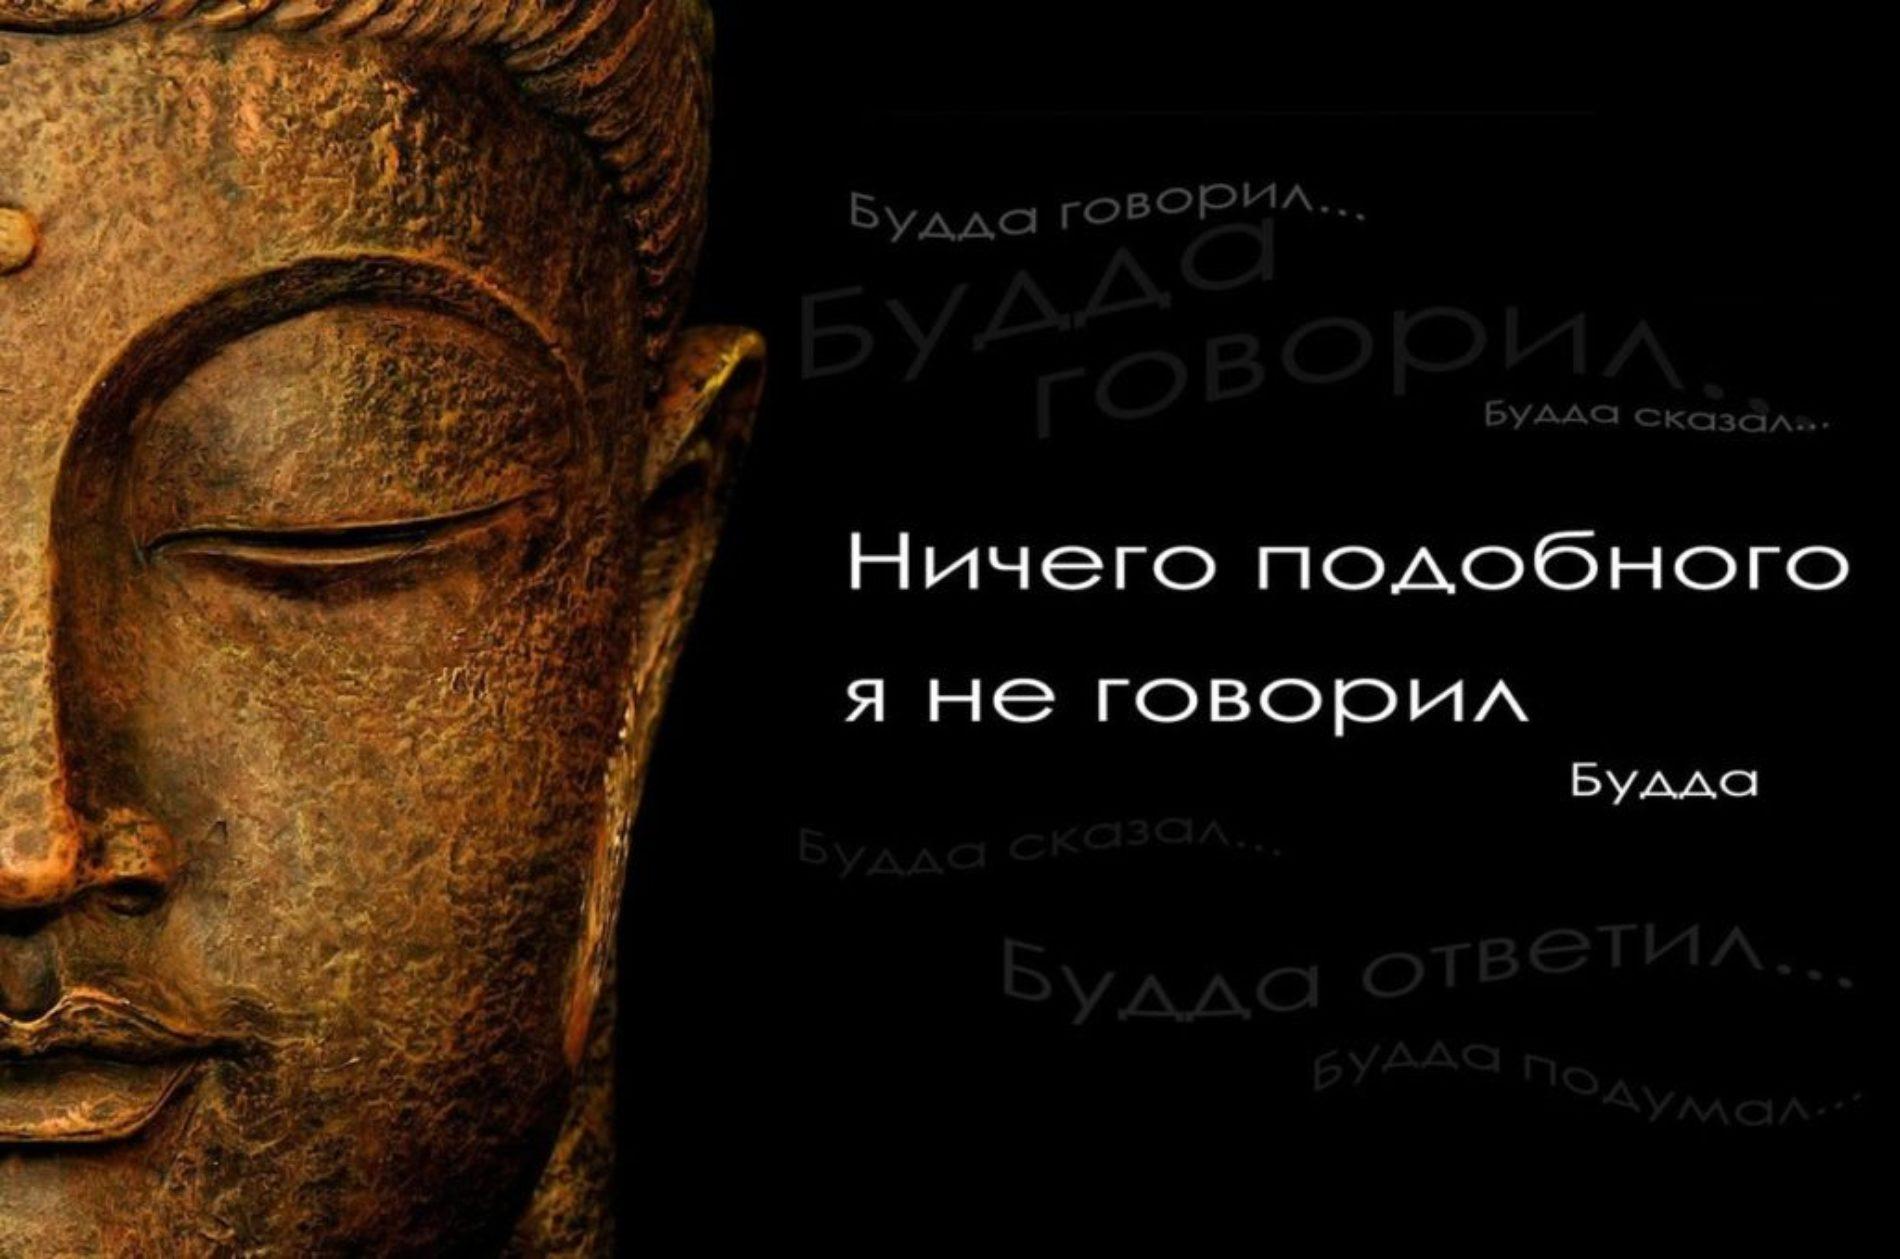 О чём не говорил Будда  (авторское исследование)